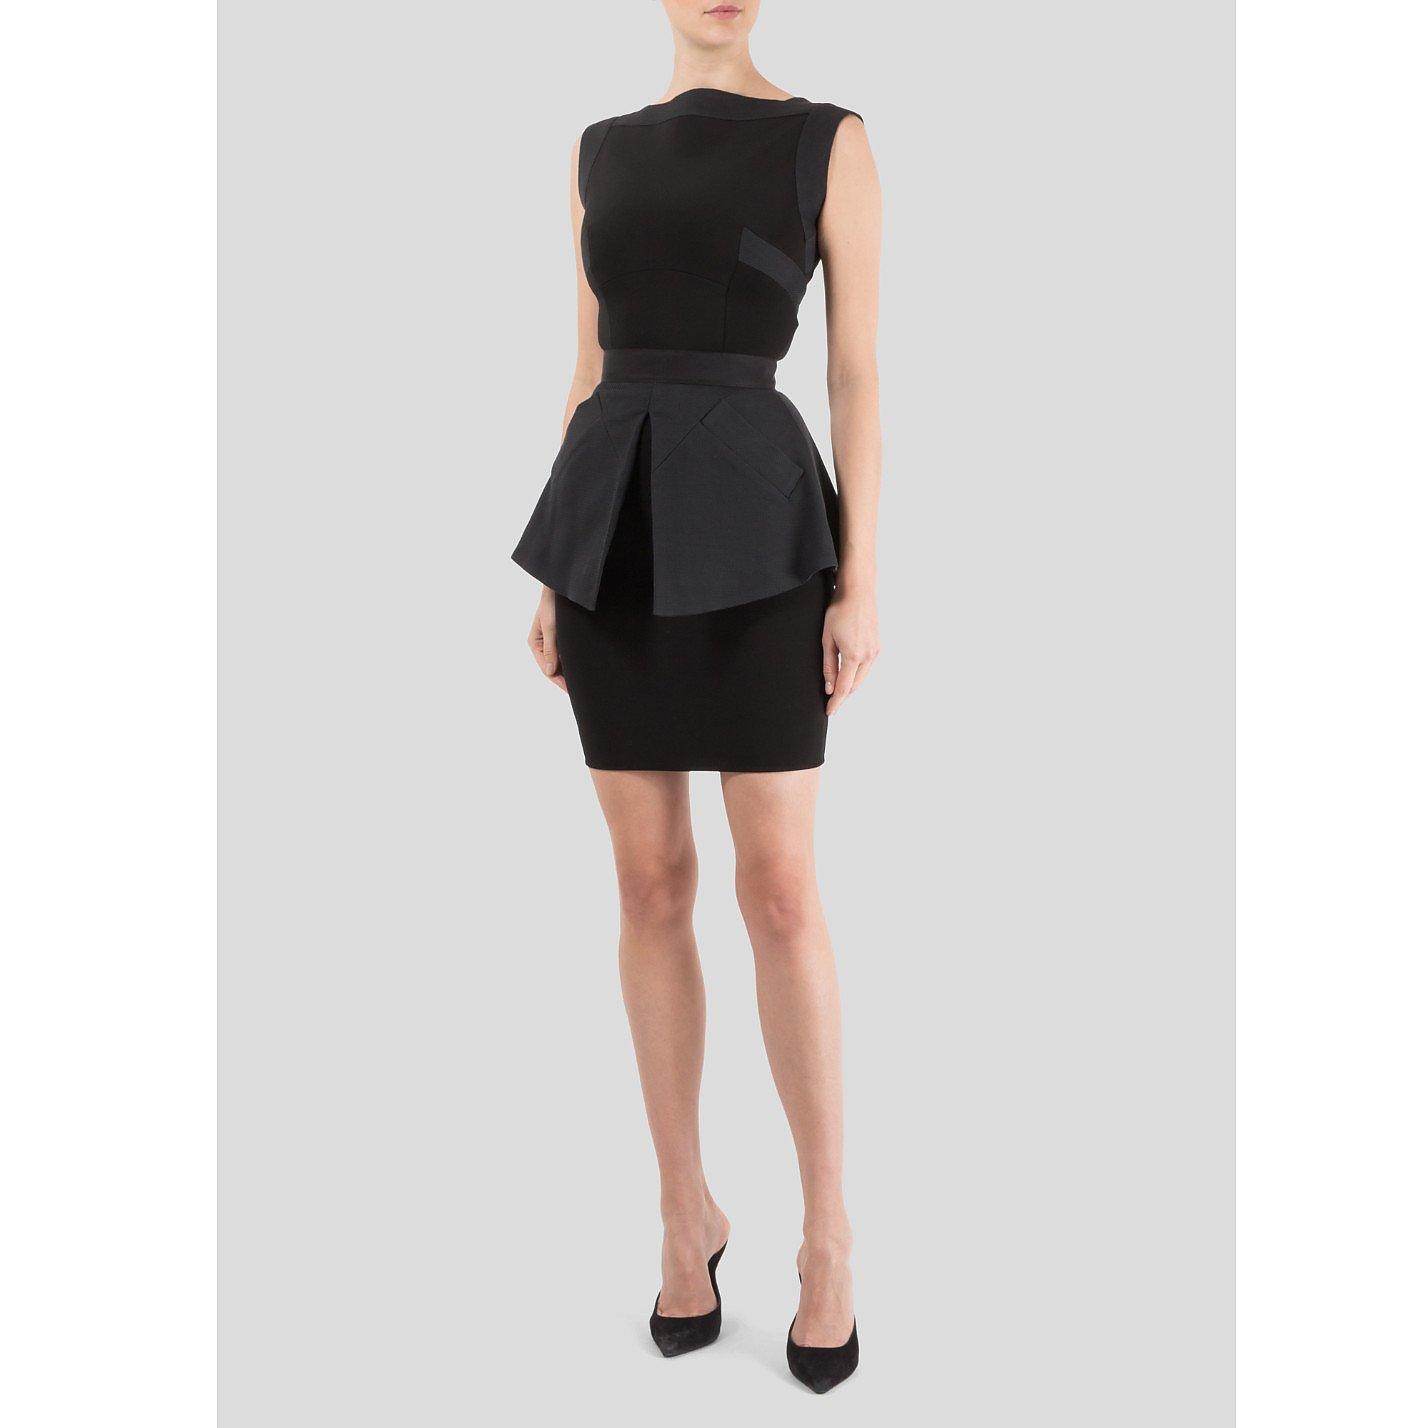 Victoria Beckham Sleeveless Fitted Dress with Peplum Skirt